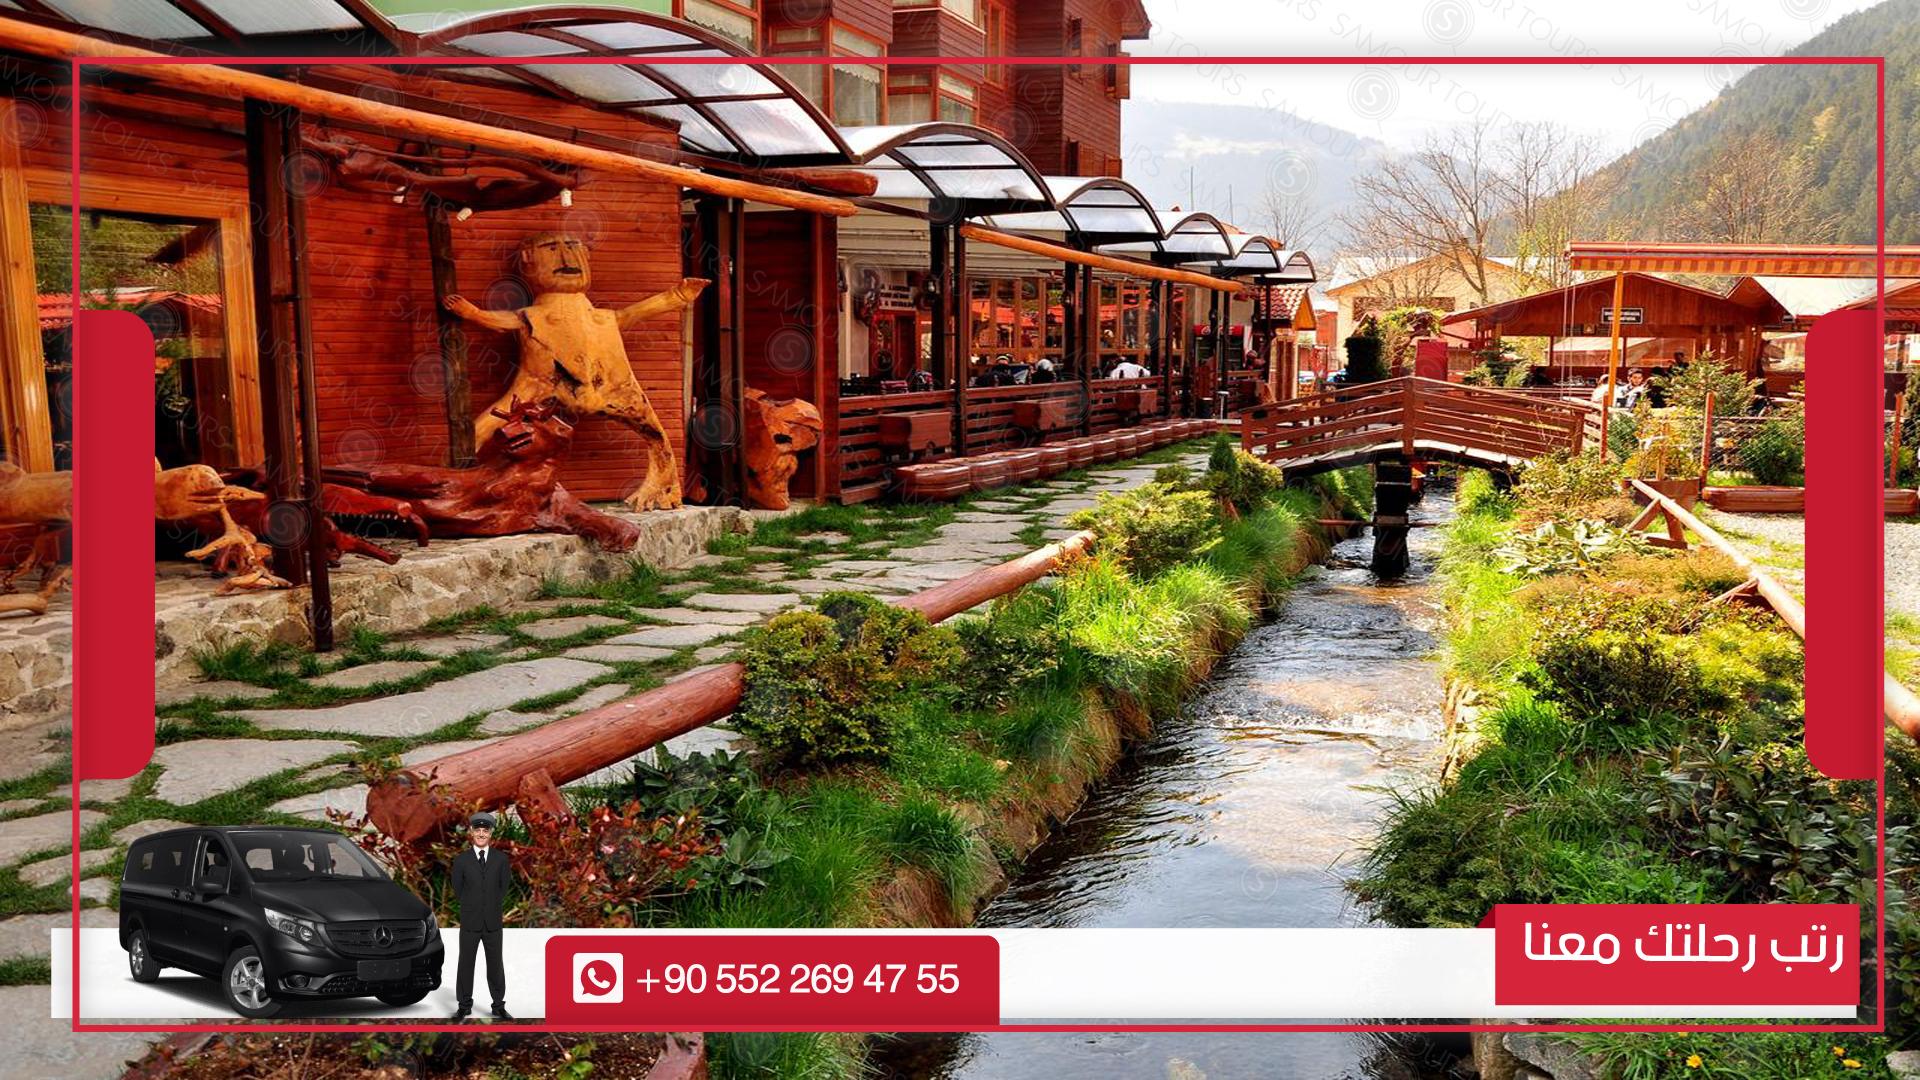 أفضل فنادق قرية أوزنجول